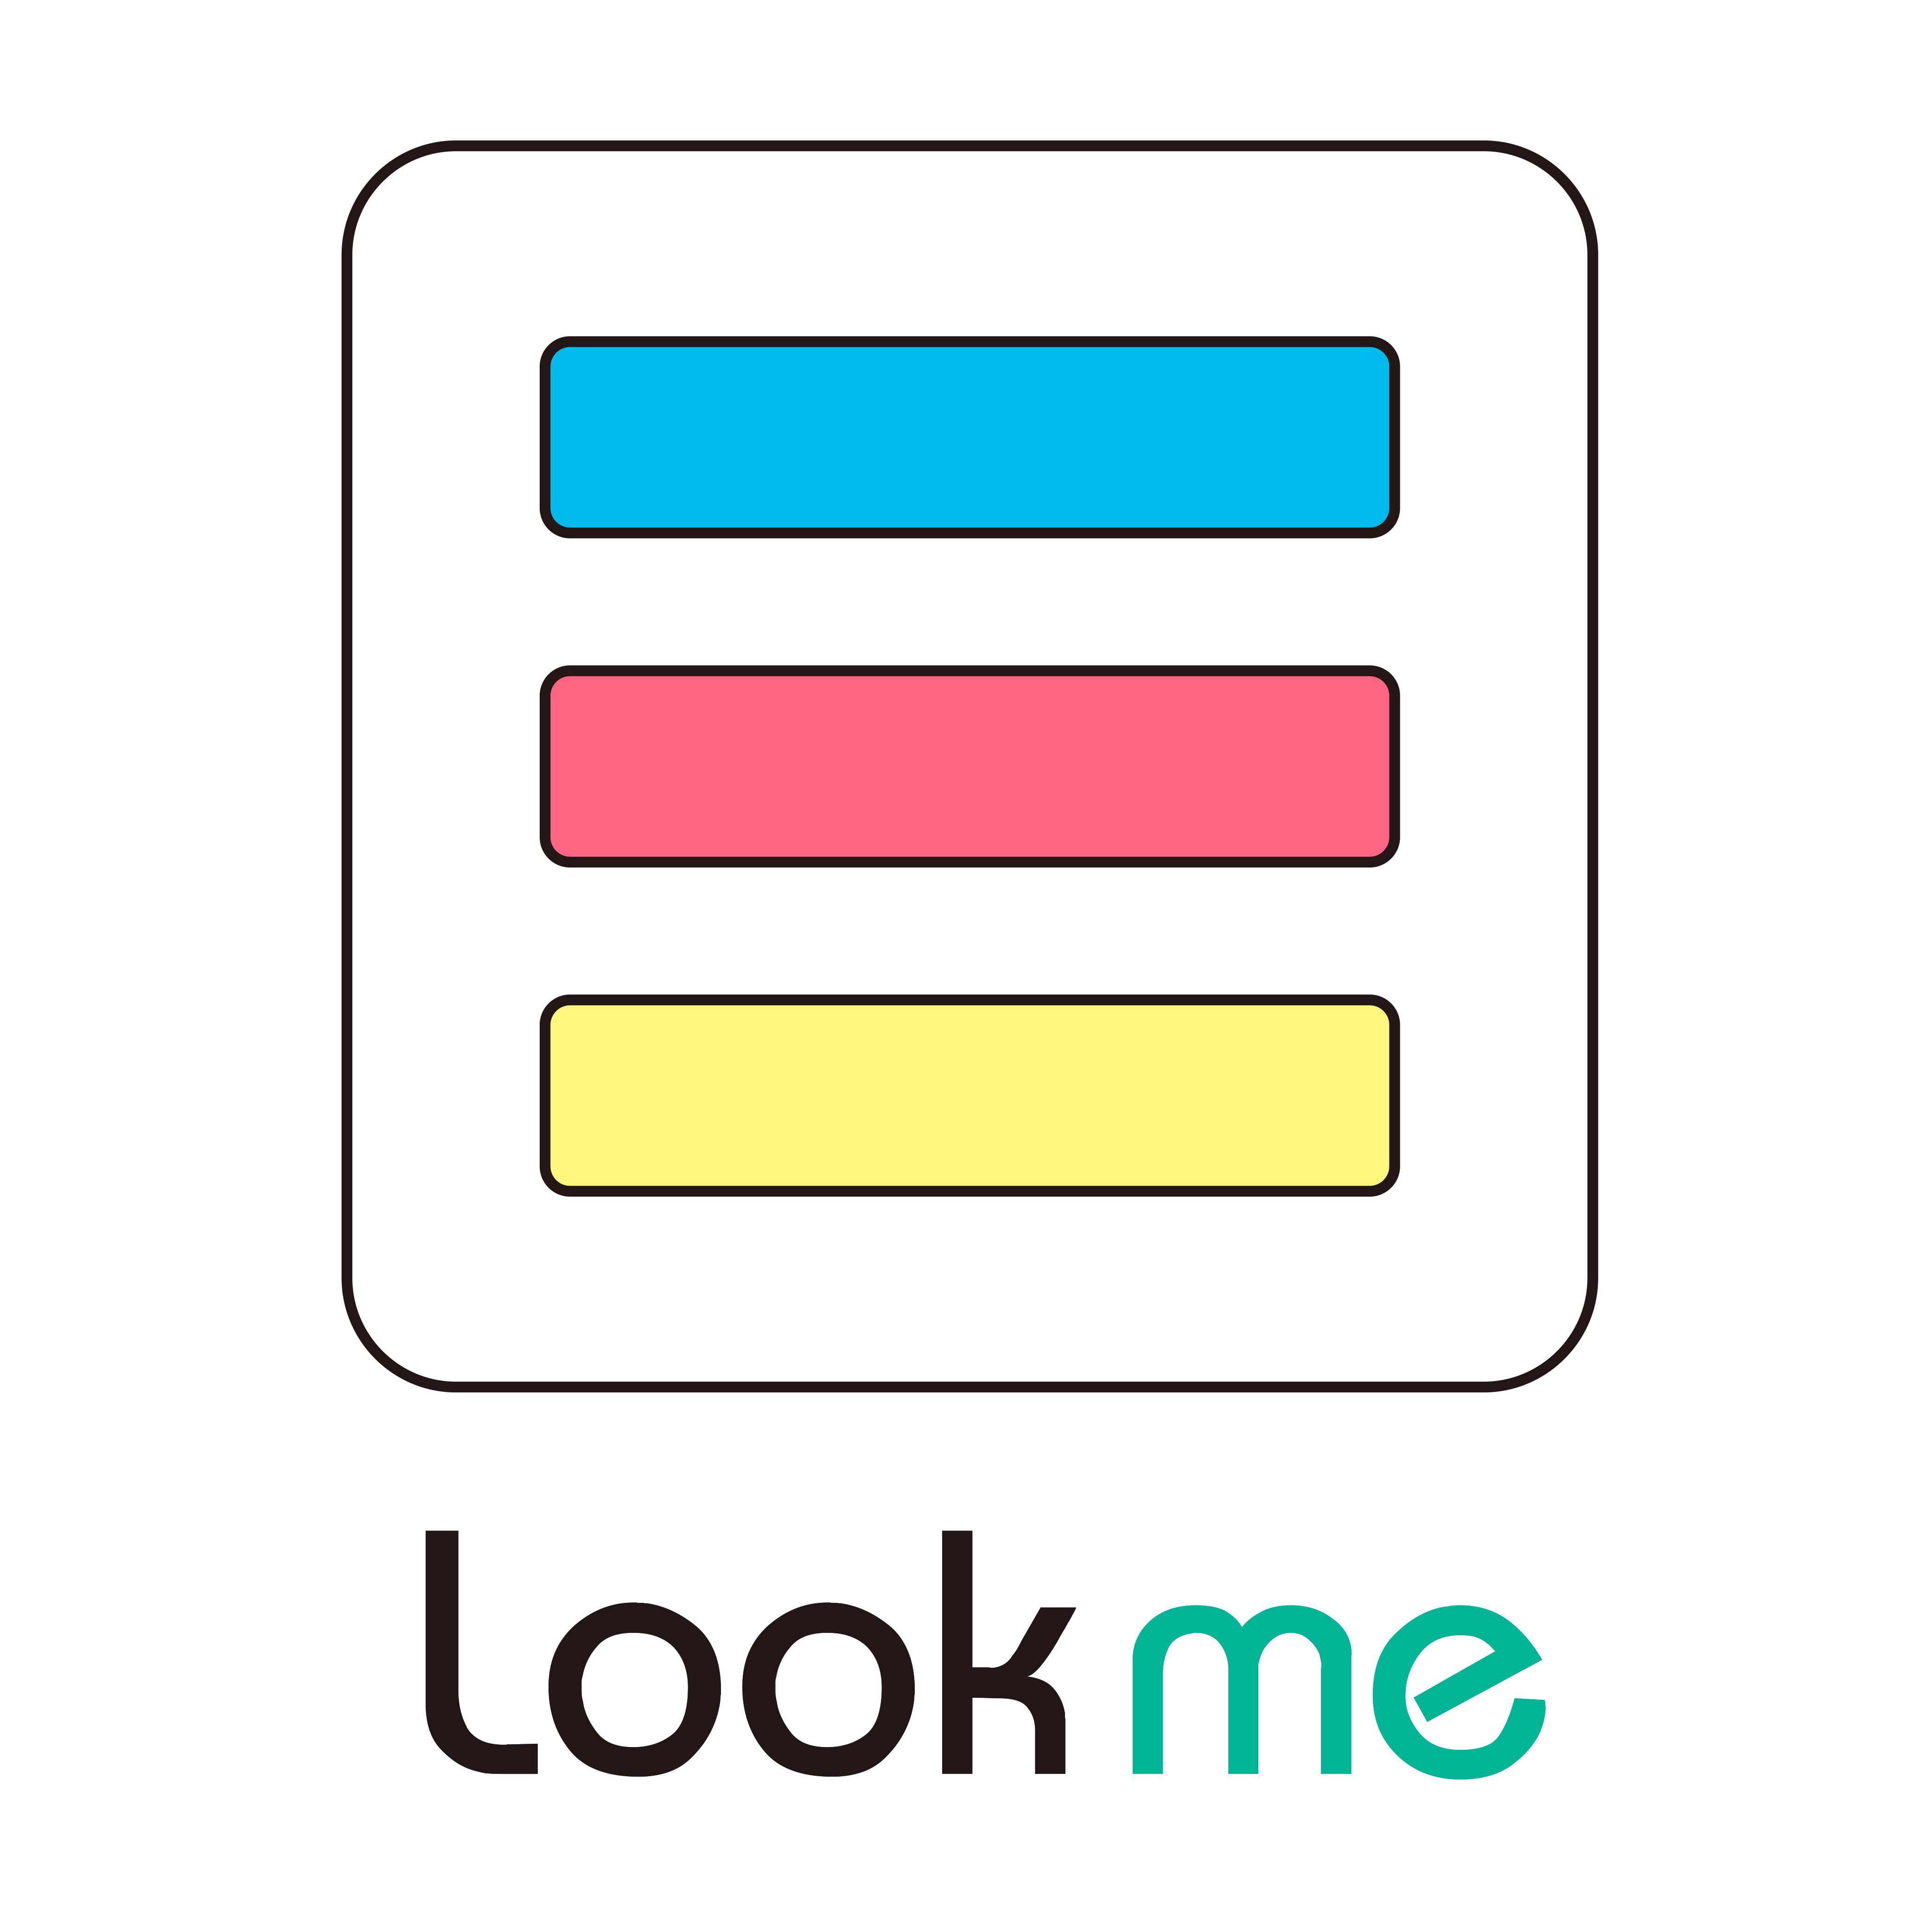 株式会社Lookme